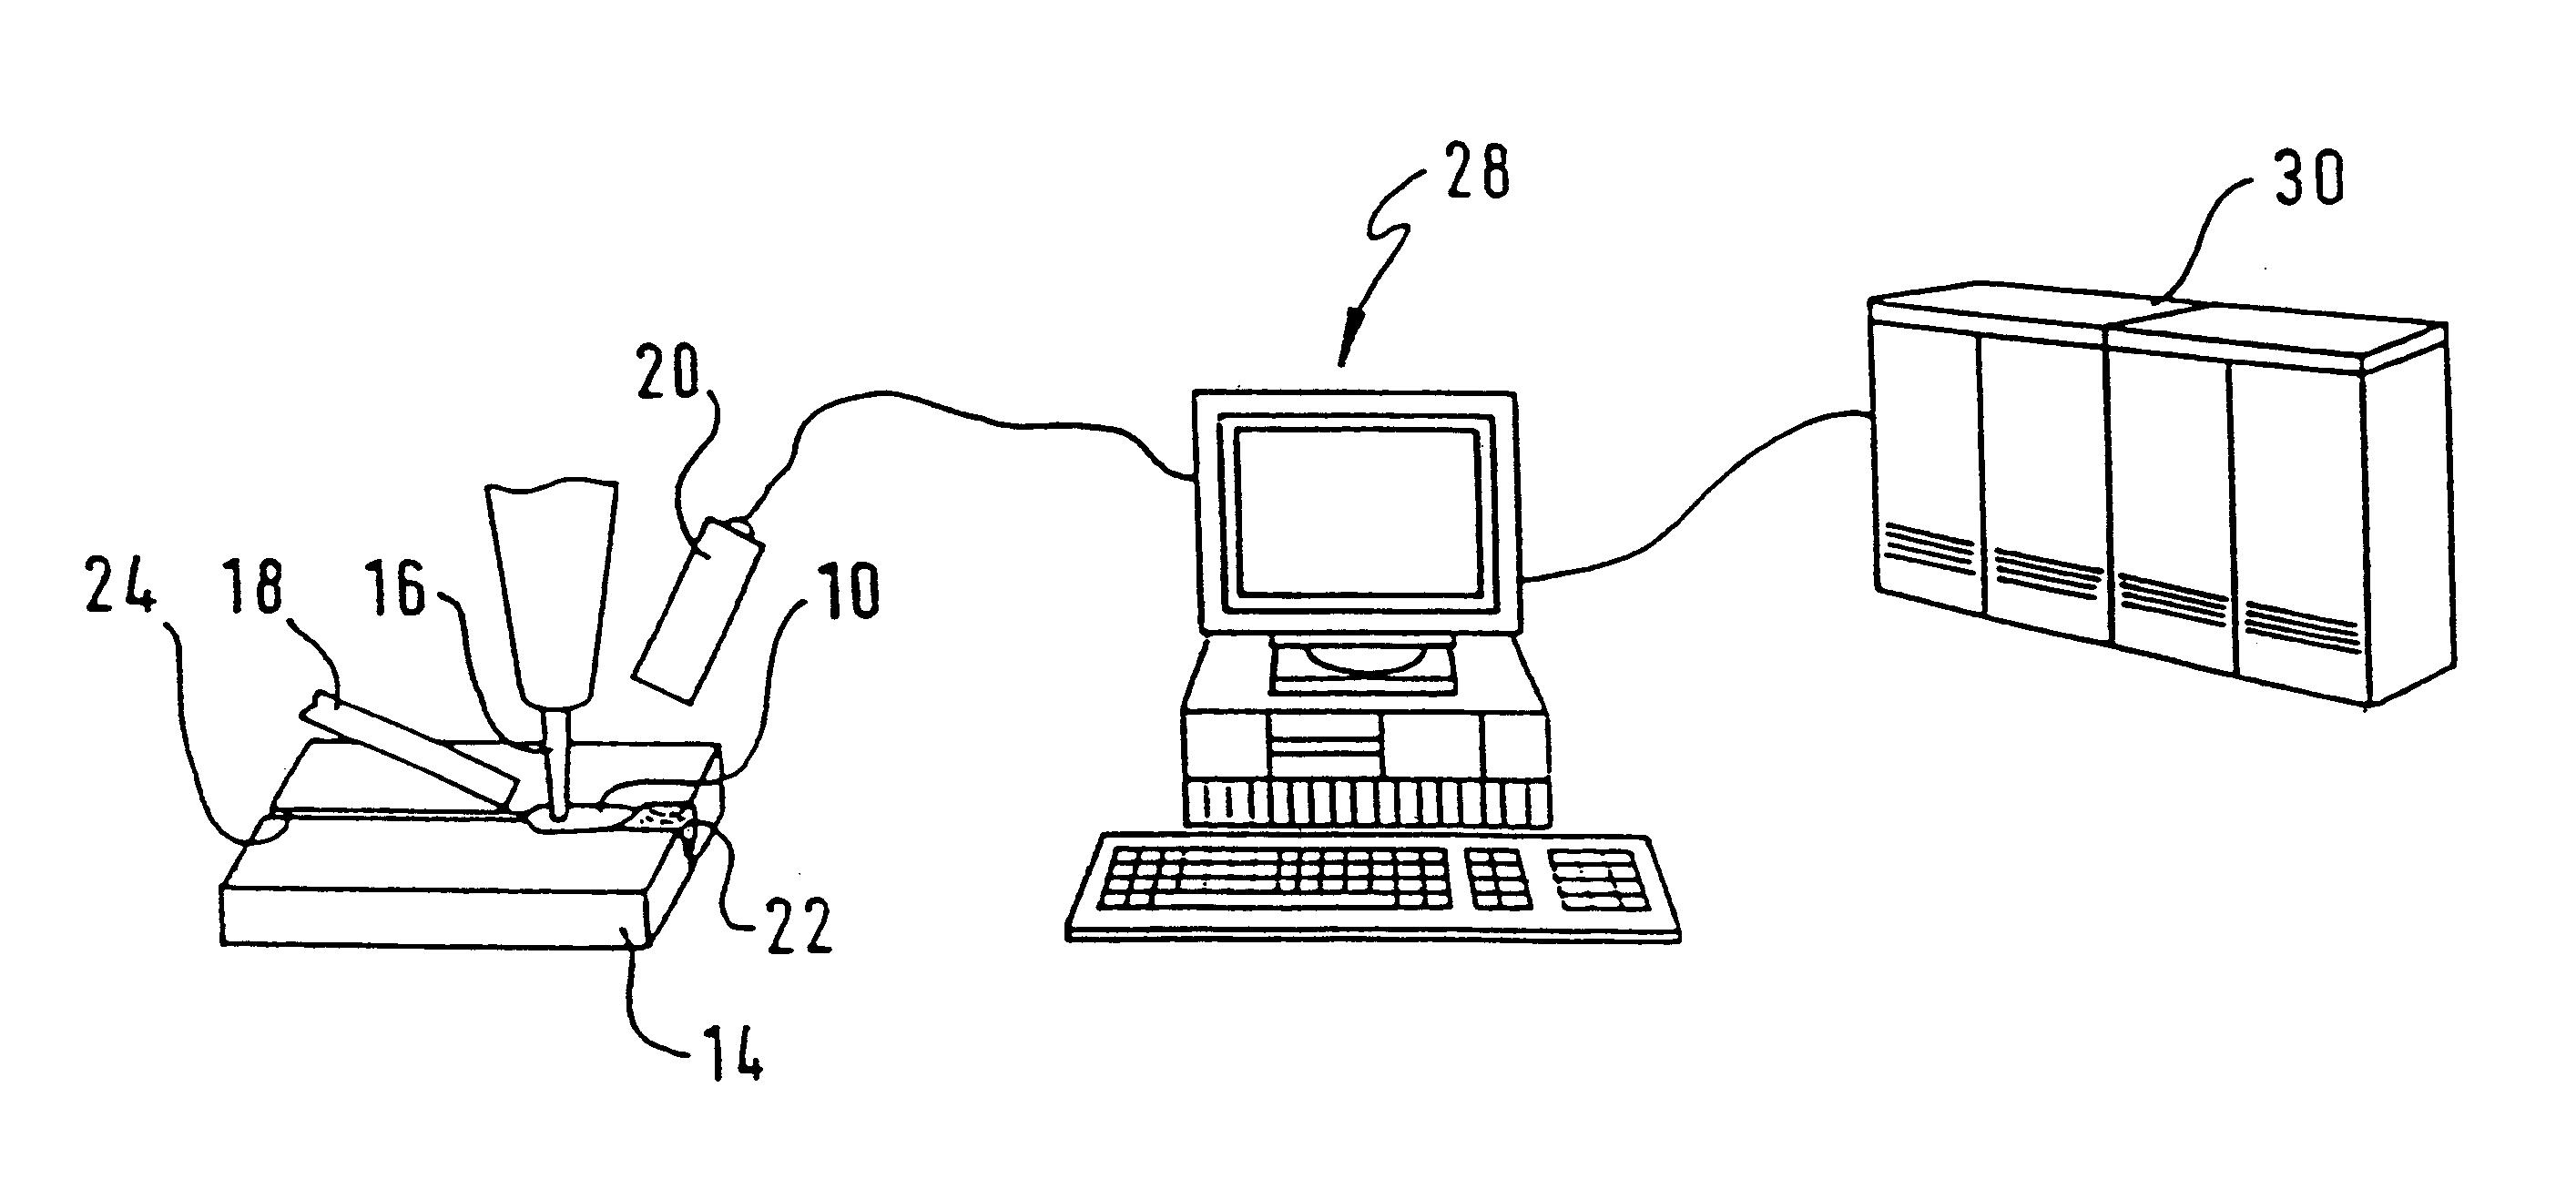 patent us6311099